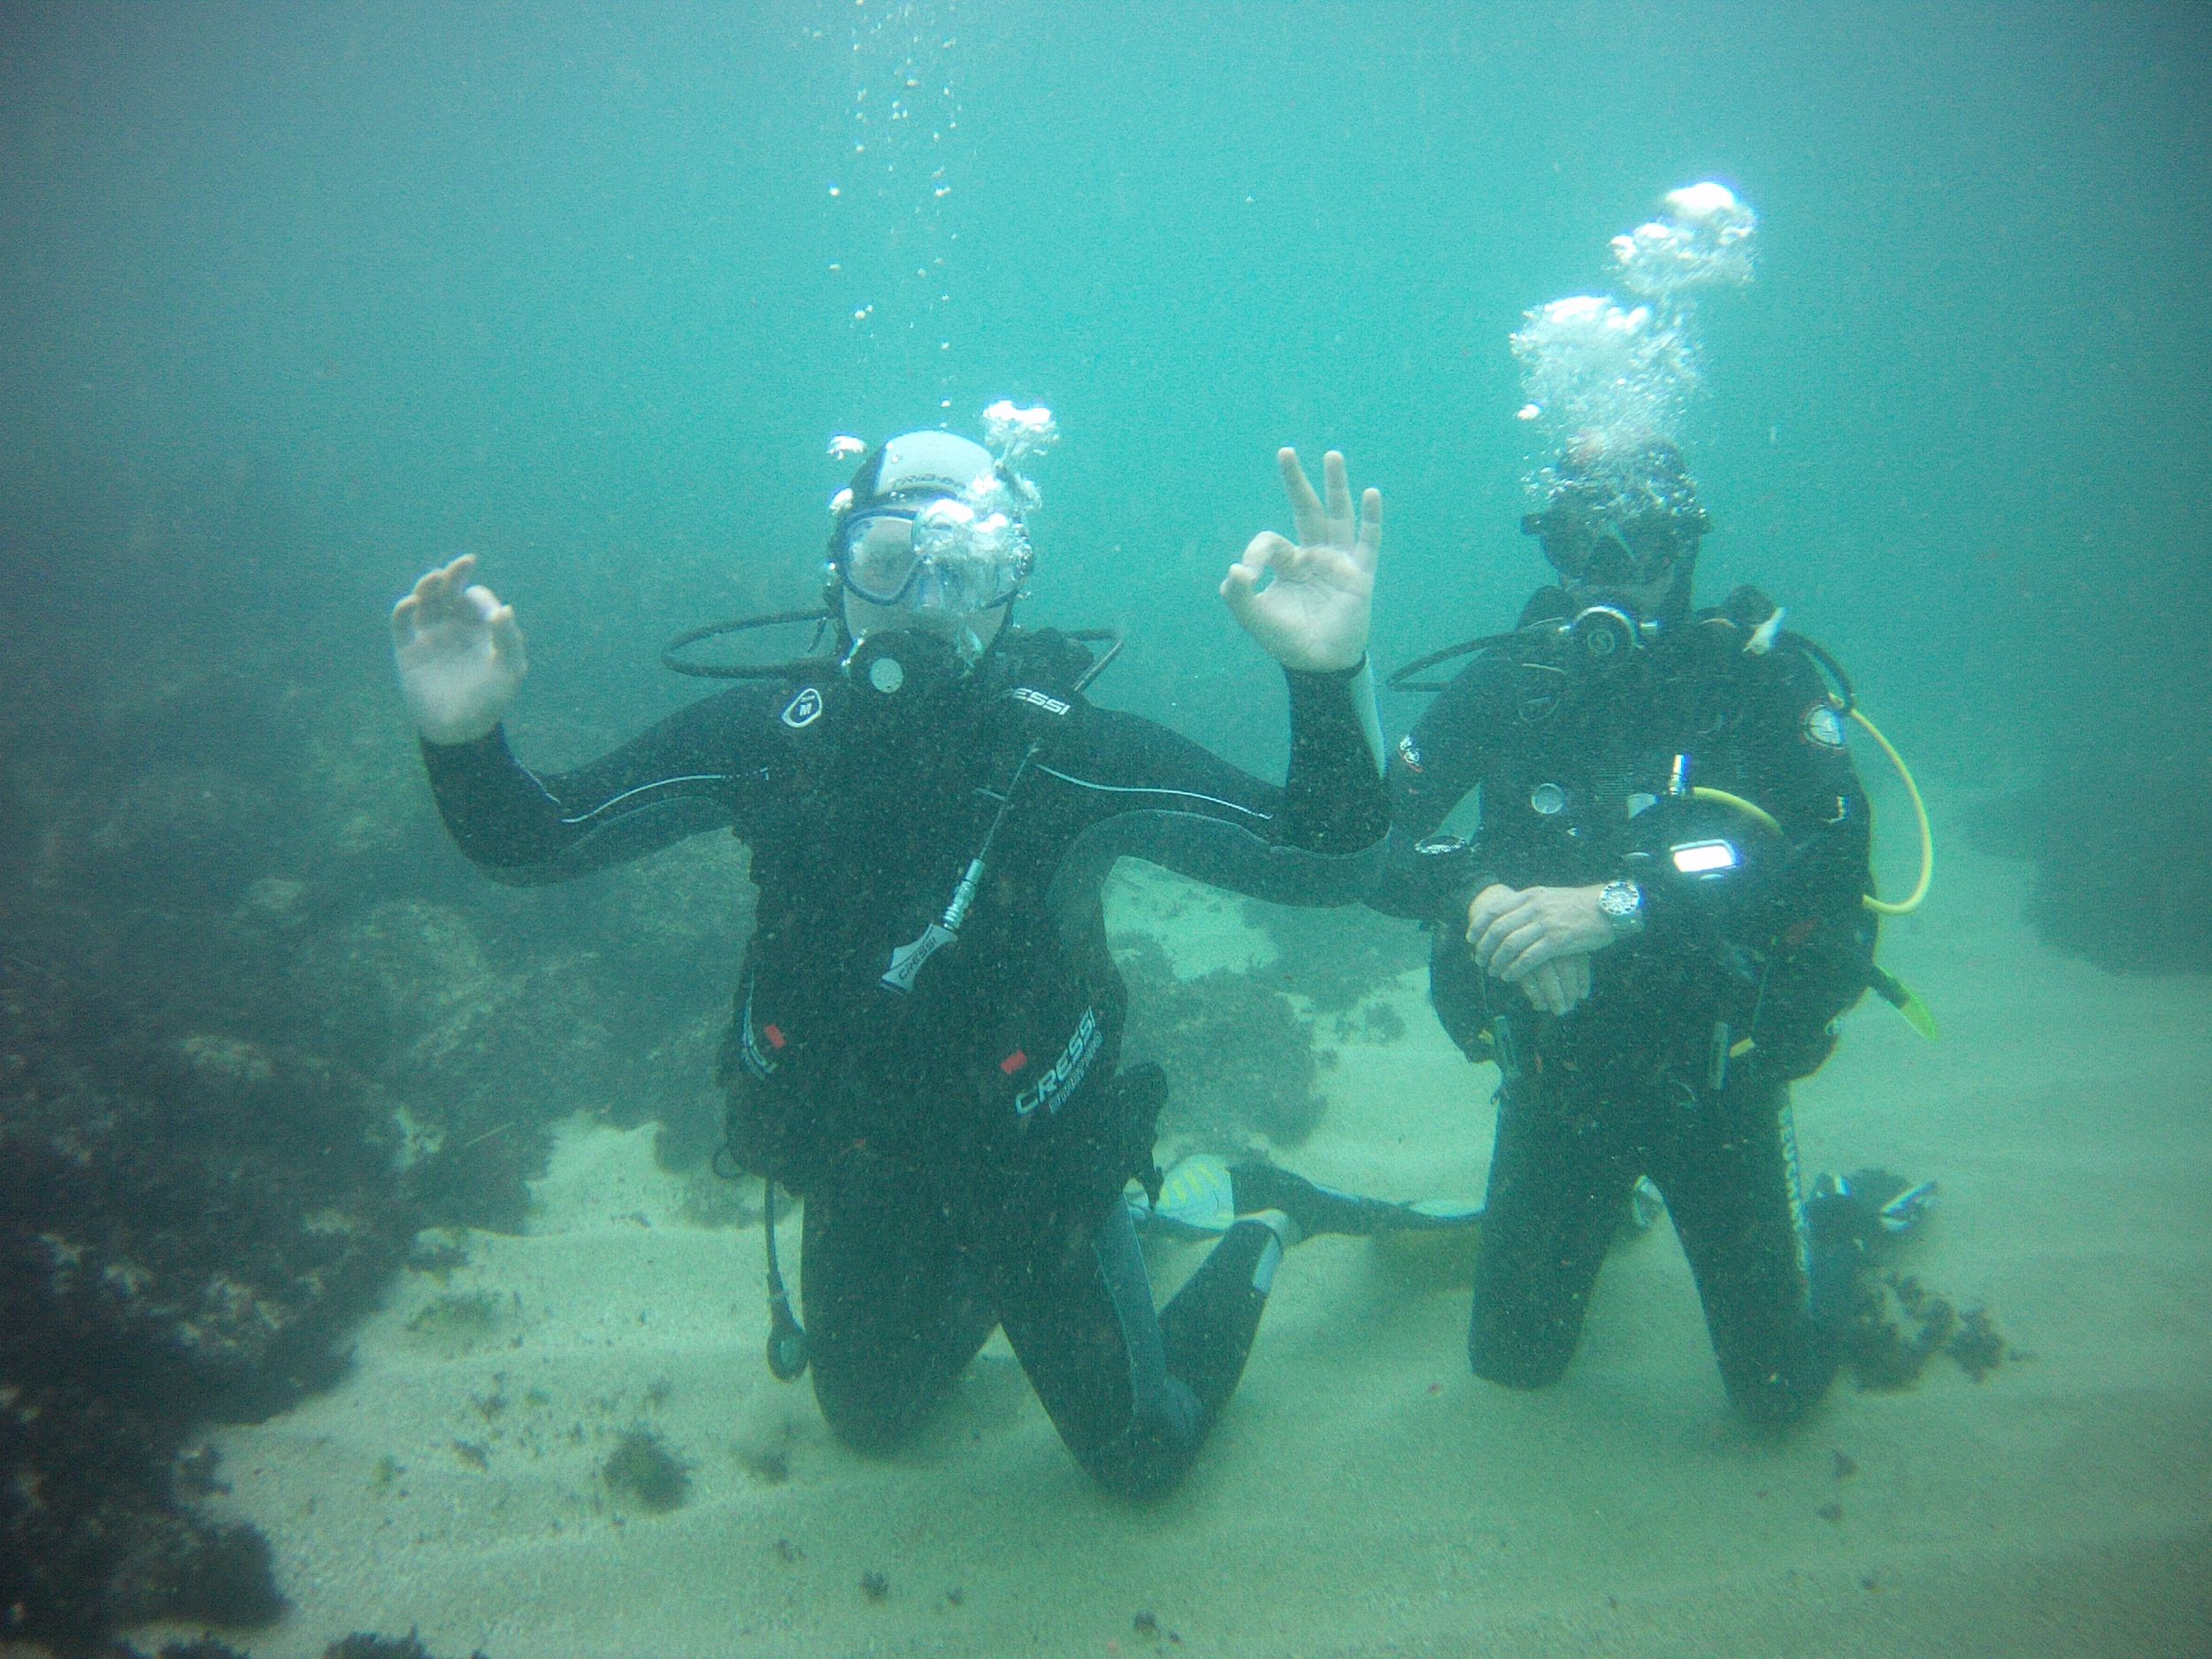 Open Water Diver : Votre premier niveau de plongée image 2